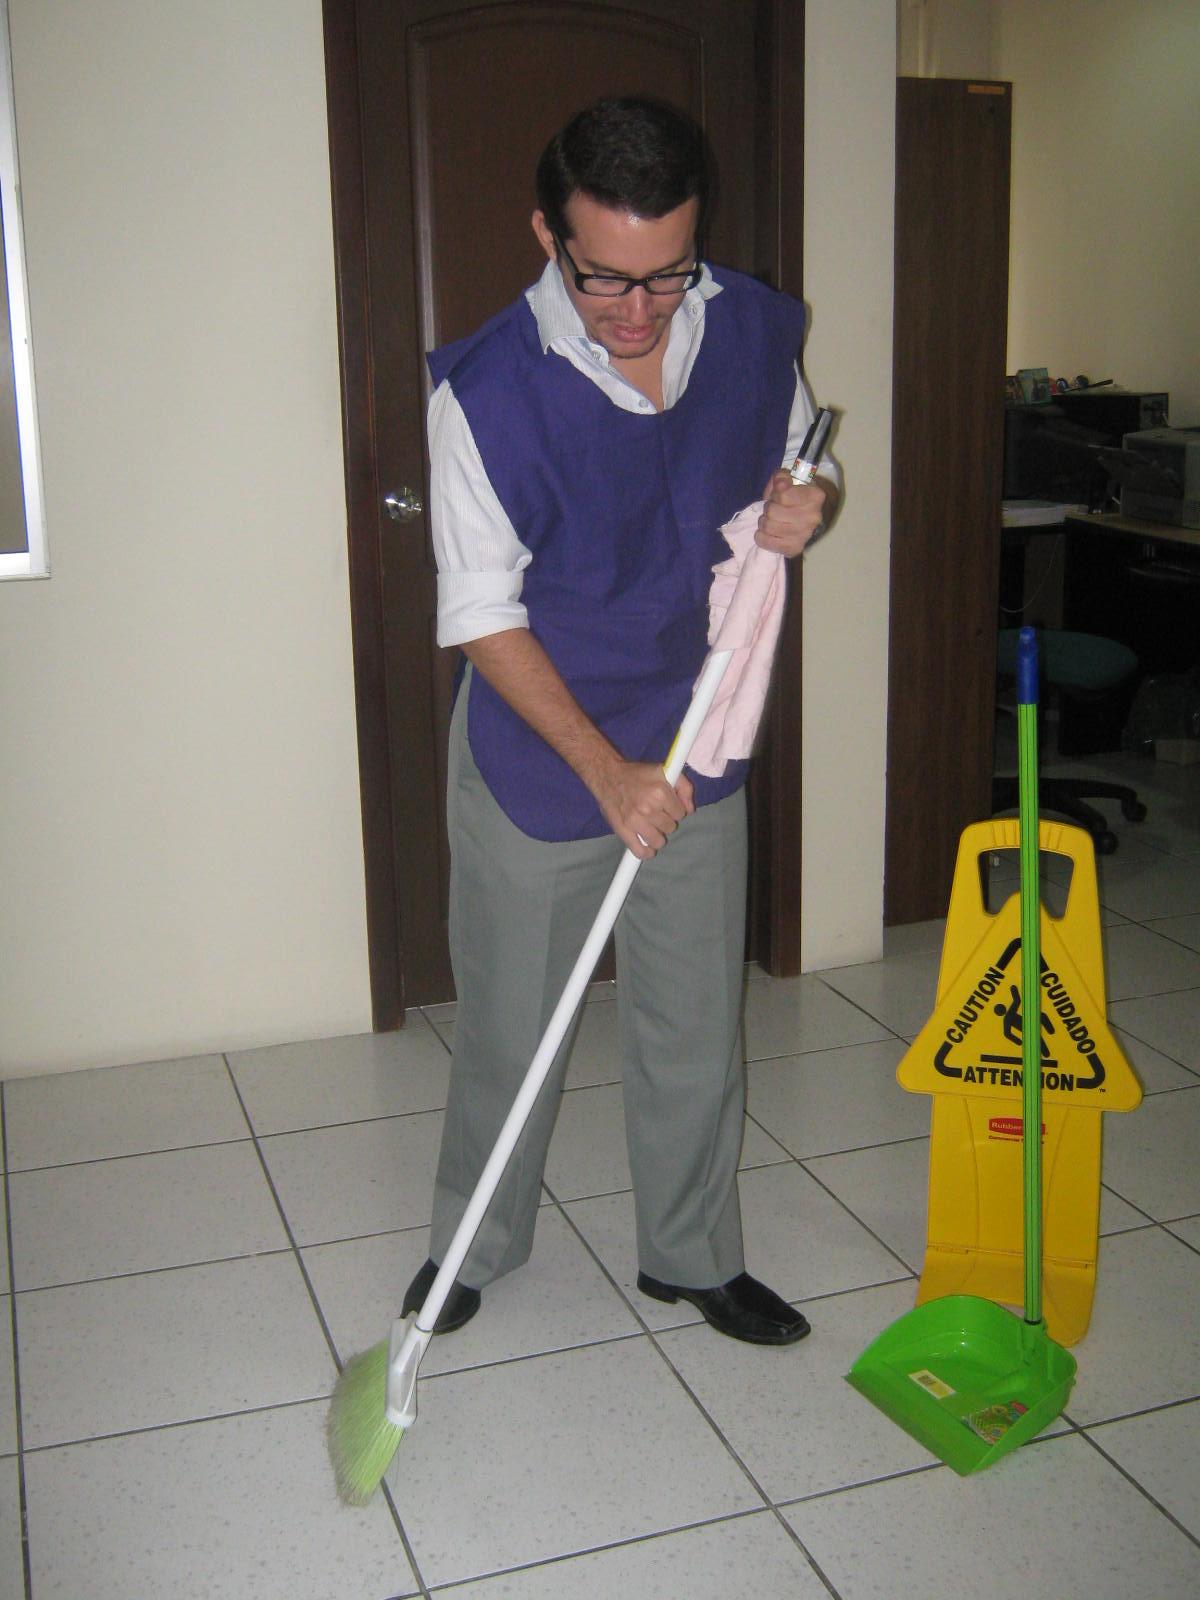 Campa a luz verde limpiar la casa de forma barata y for El vinagre desinfecta